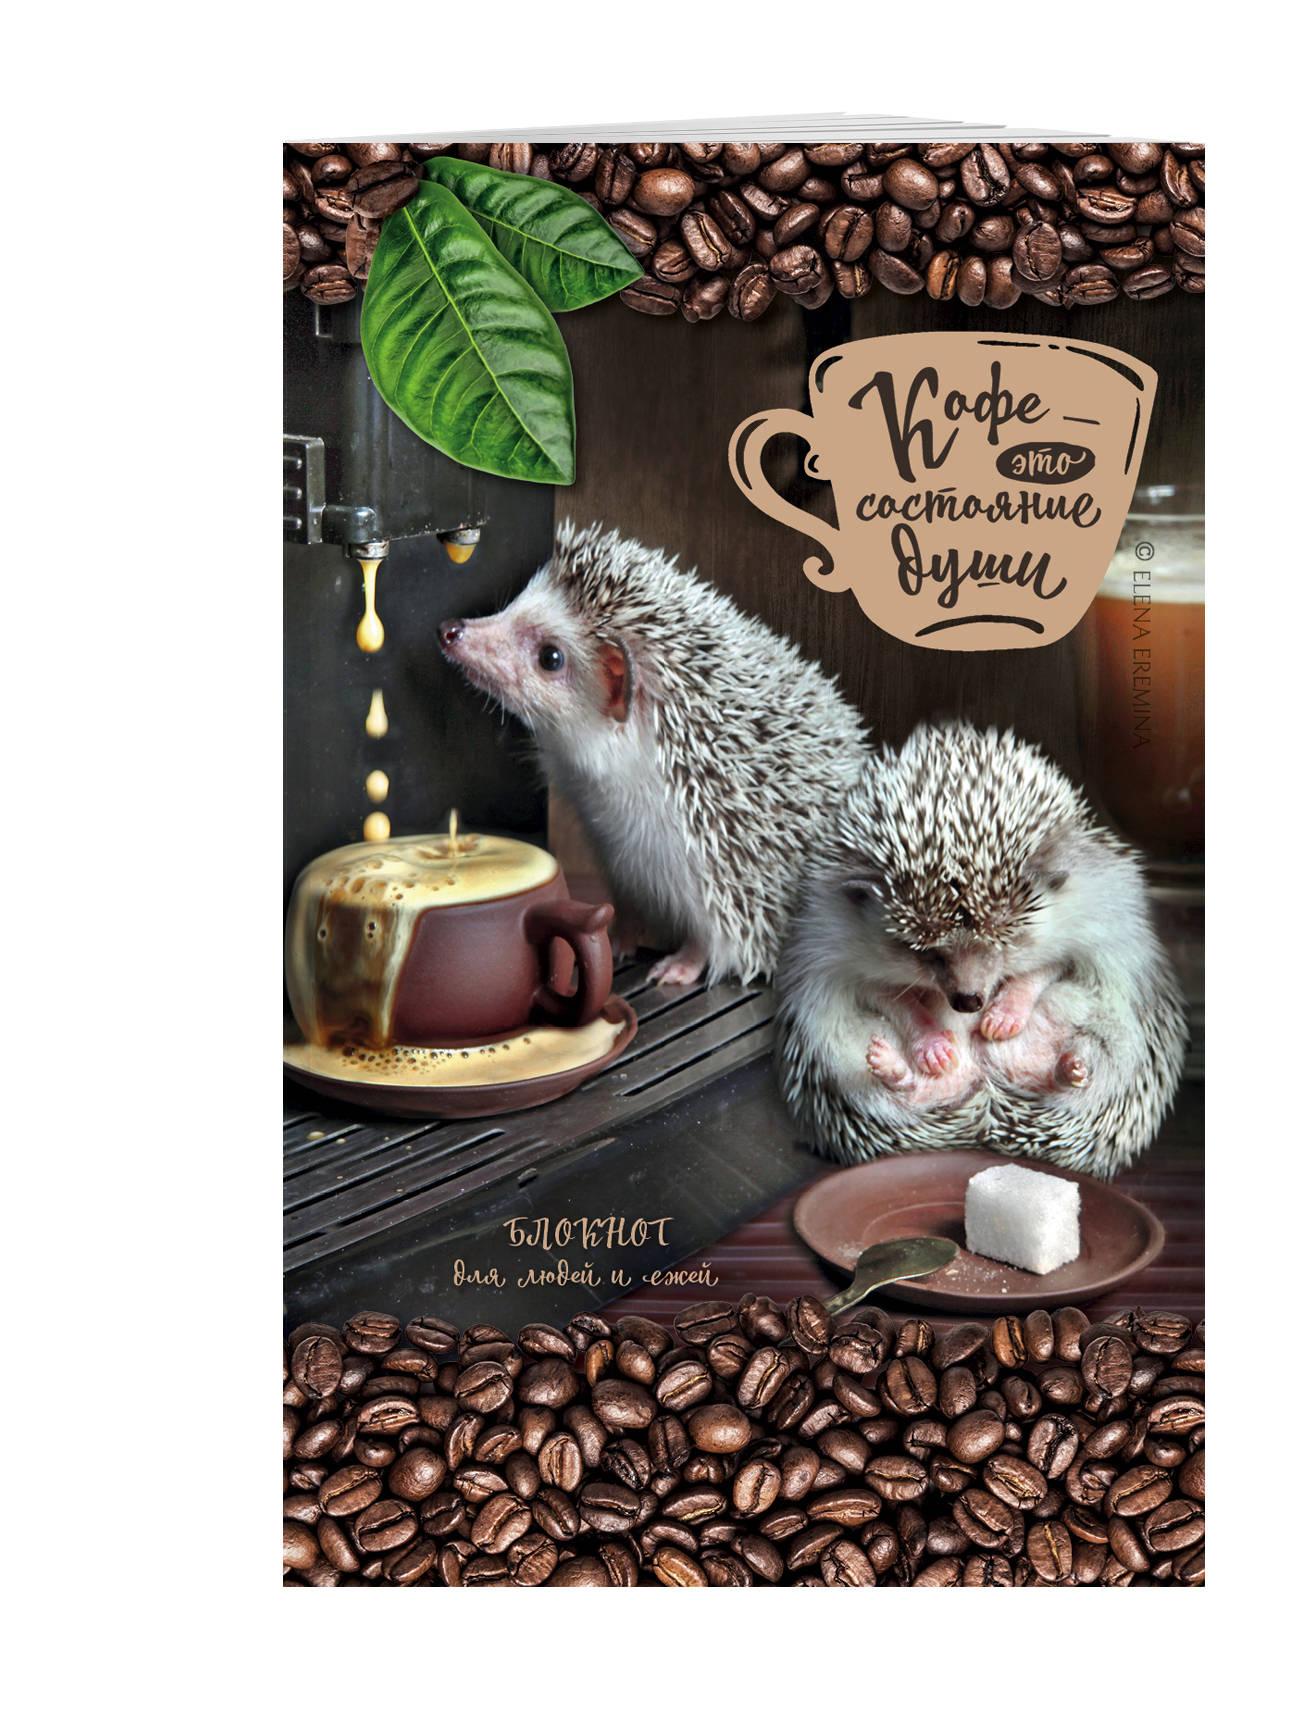 Кофе - это состояние души. Блокнот для людей и ежей